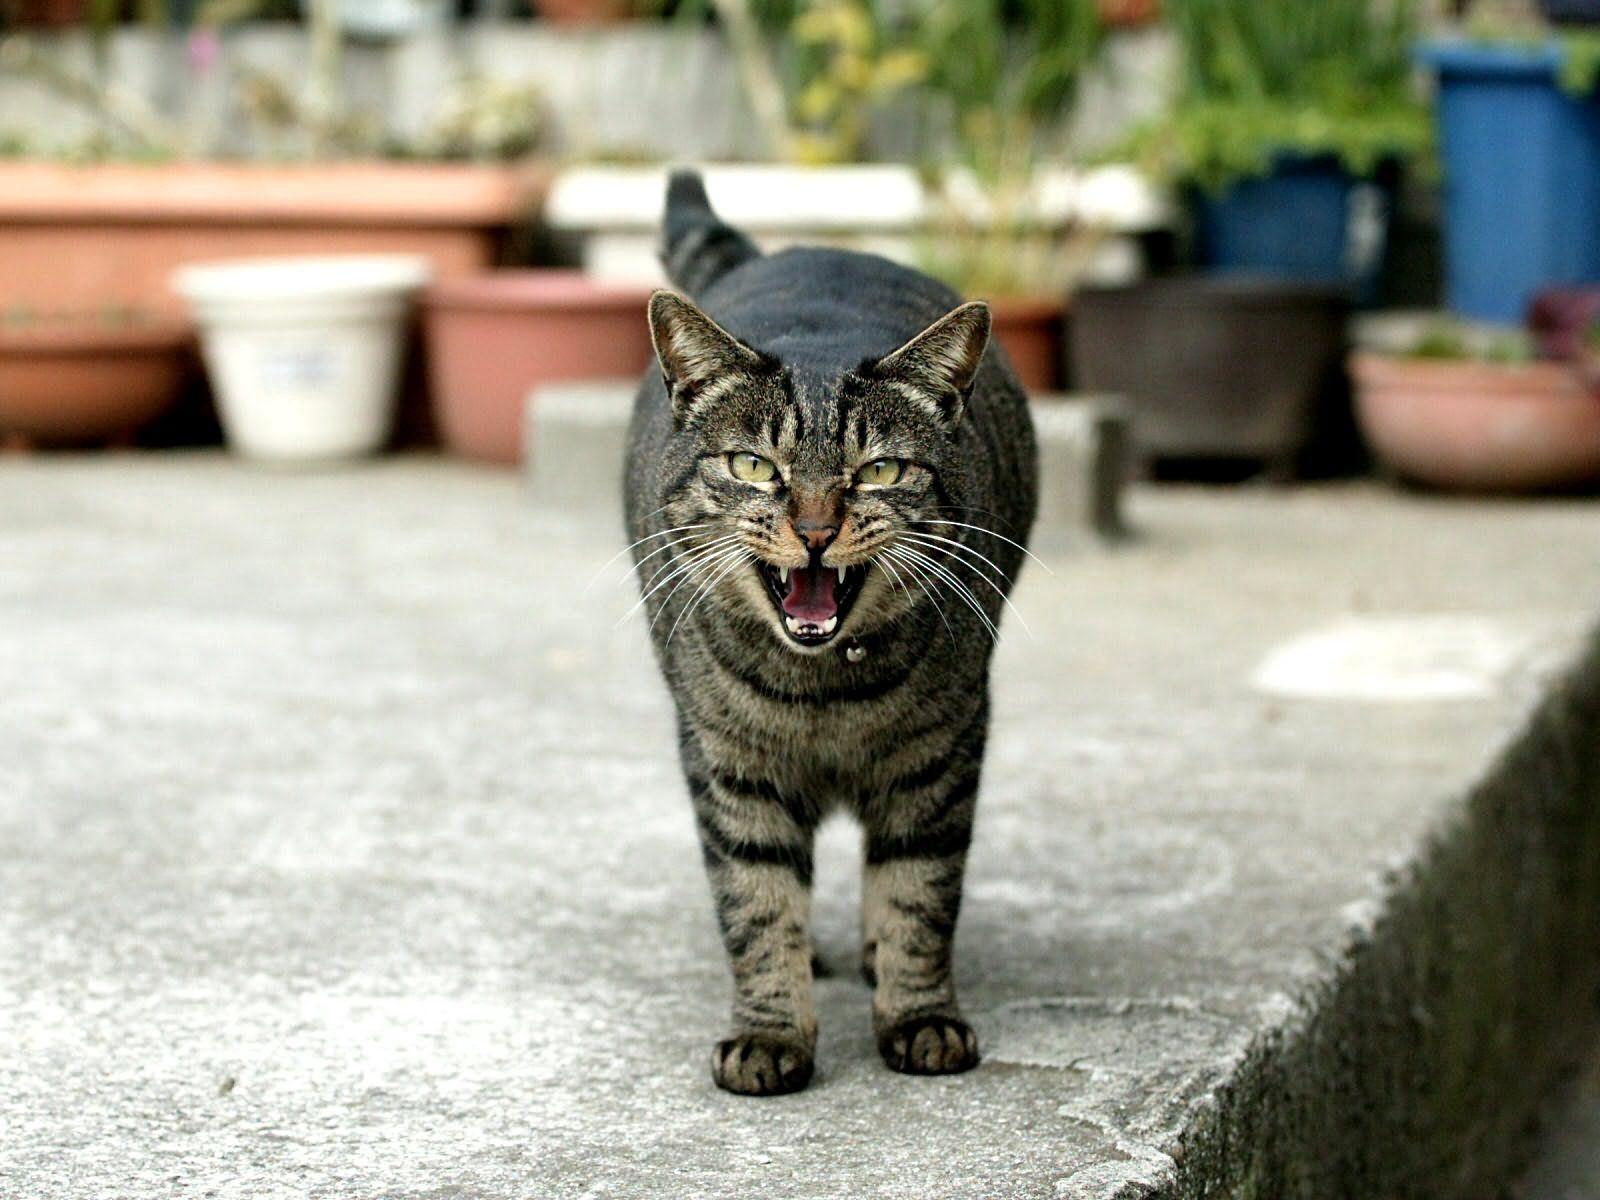 94029 Hintergrundbild herunterladen Tiere, Der Kater, Katze, Schnauze, Gestreift, Schrei, Weinen - Bildschirmschoner und Bilder kostenlos